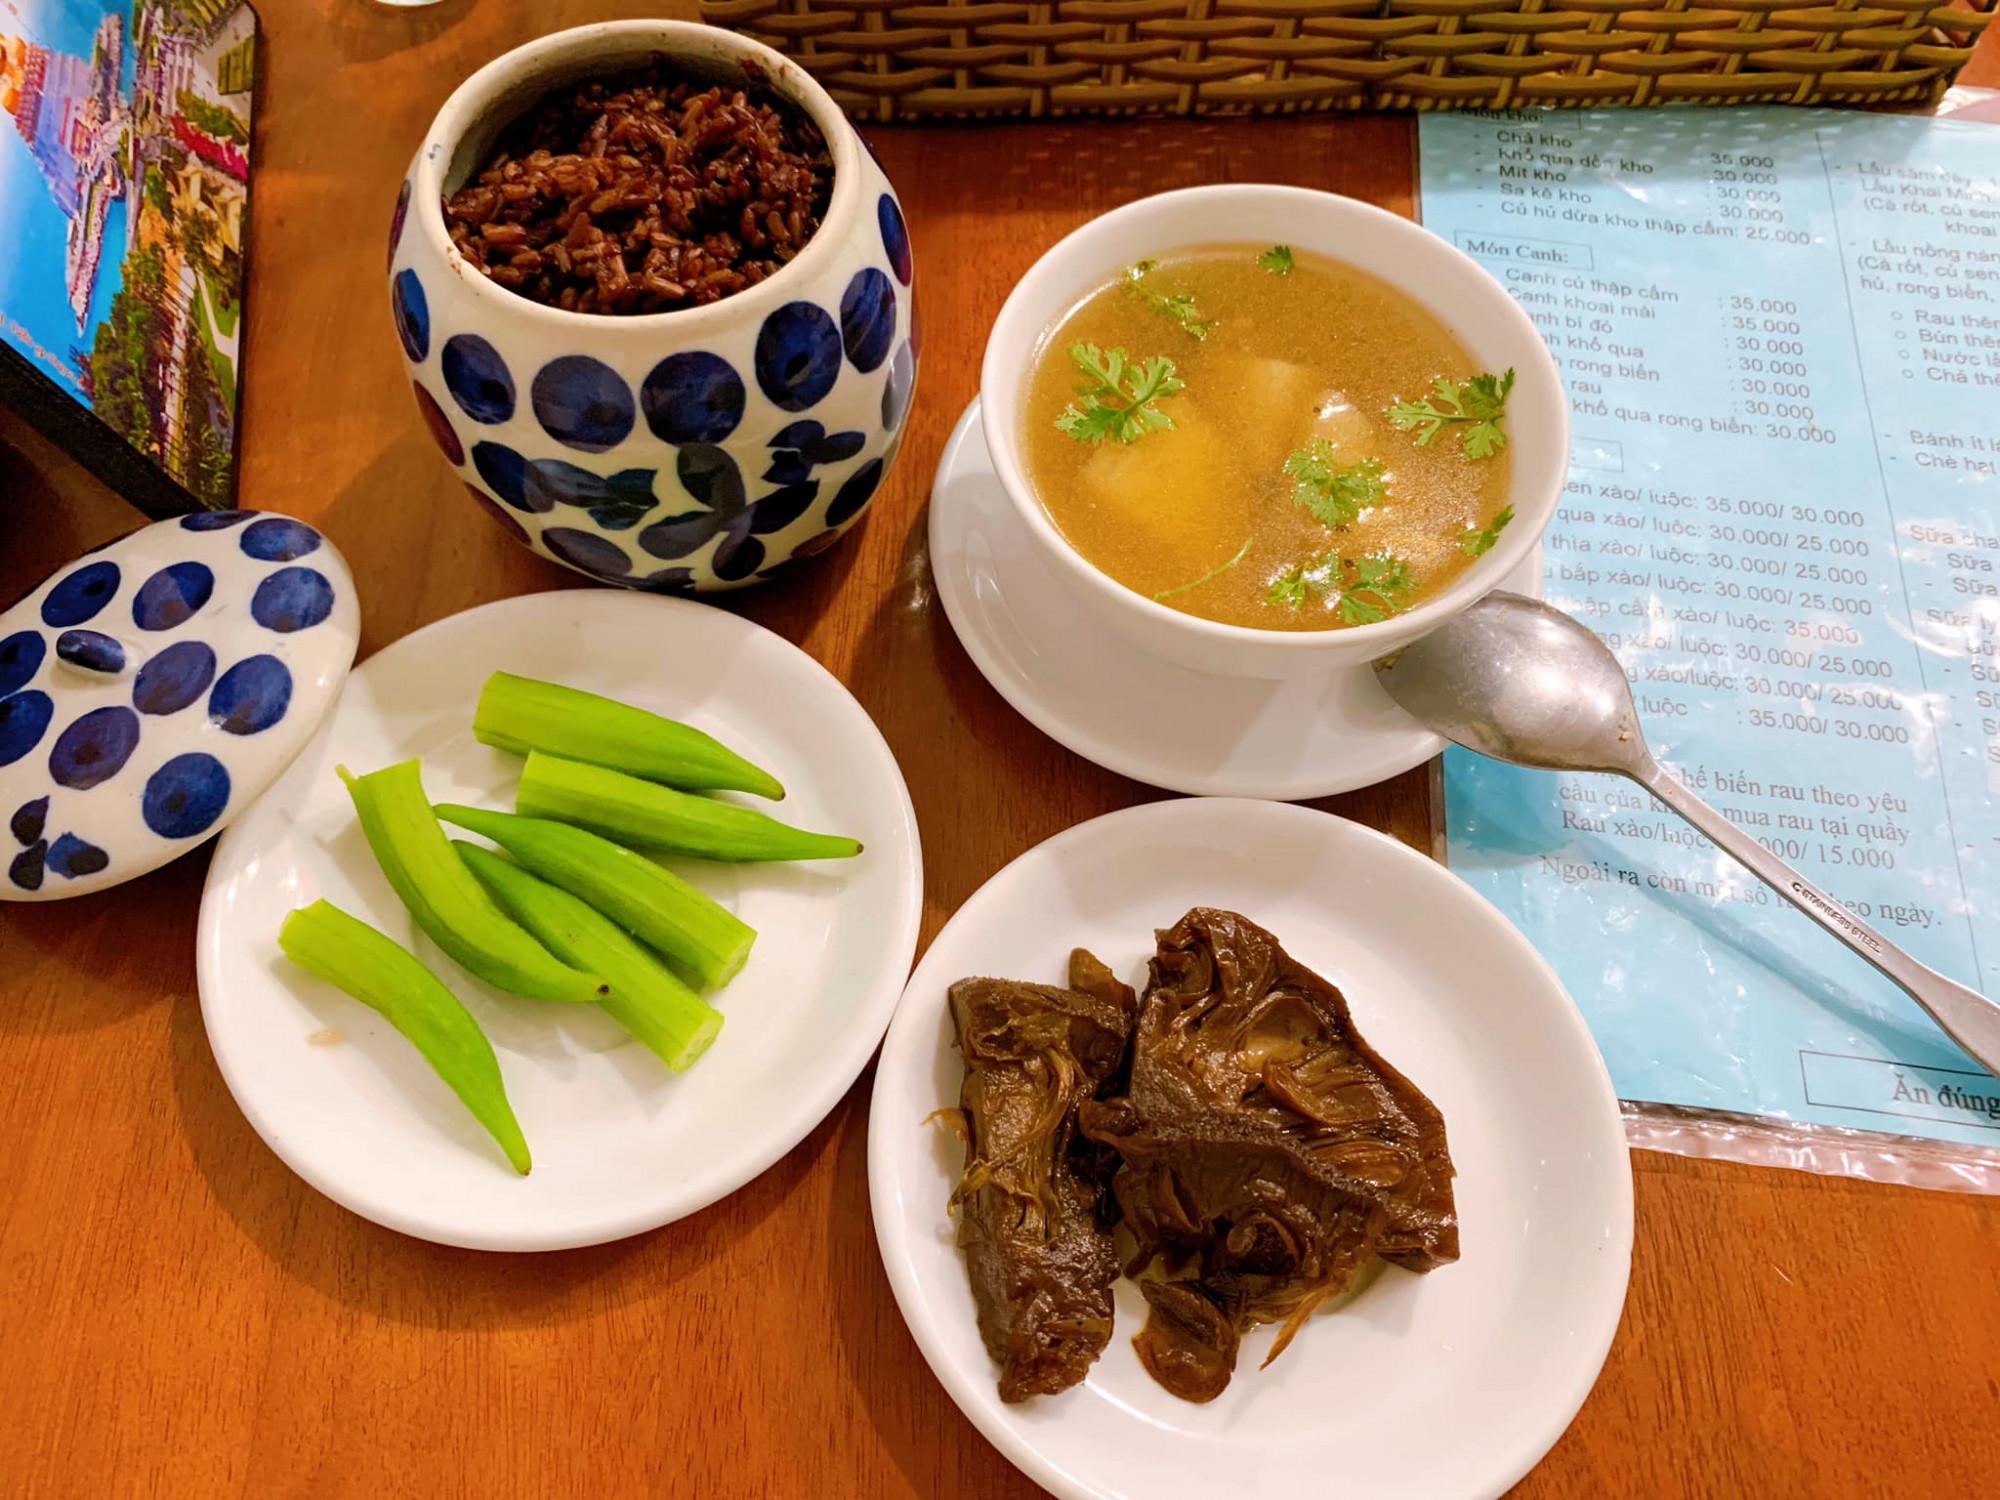 Bữa ăn theo phương pháp thực dưỡng của nữ ca sĩ.